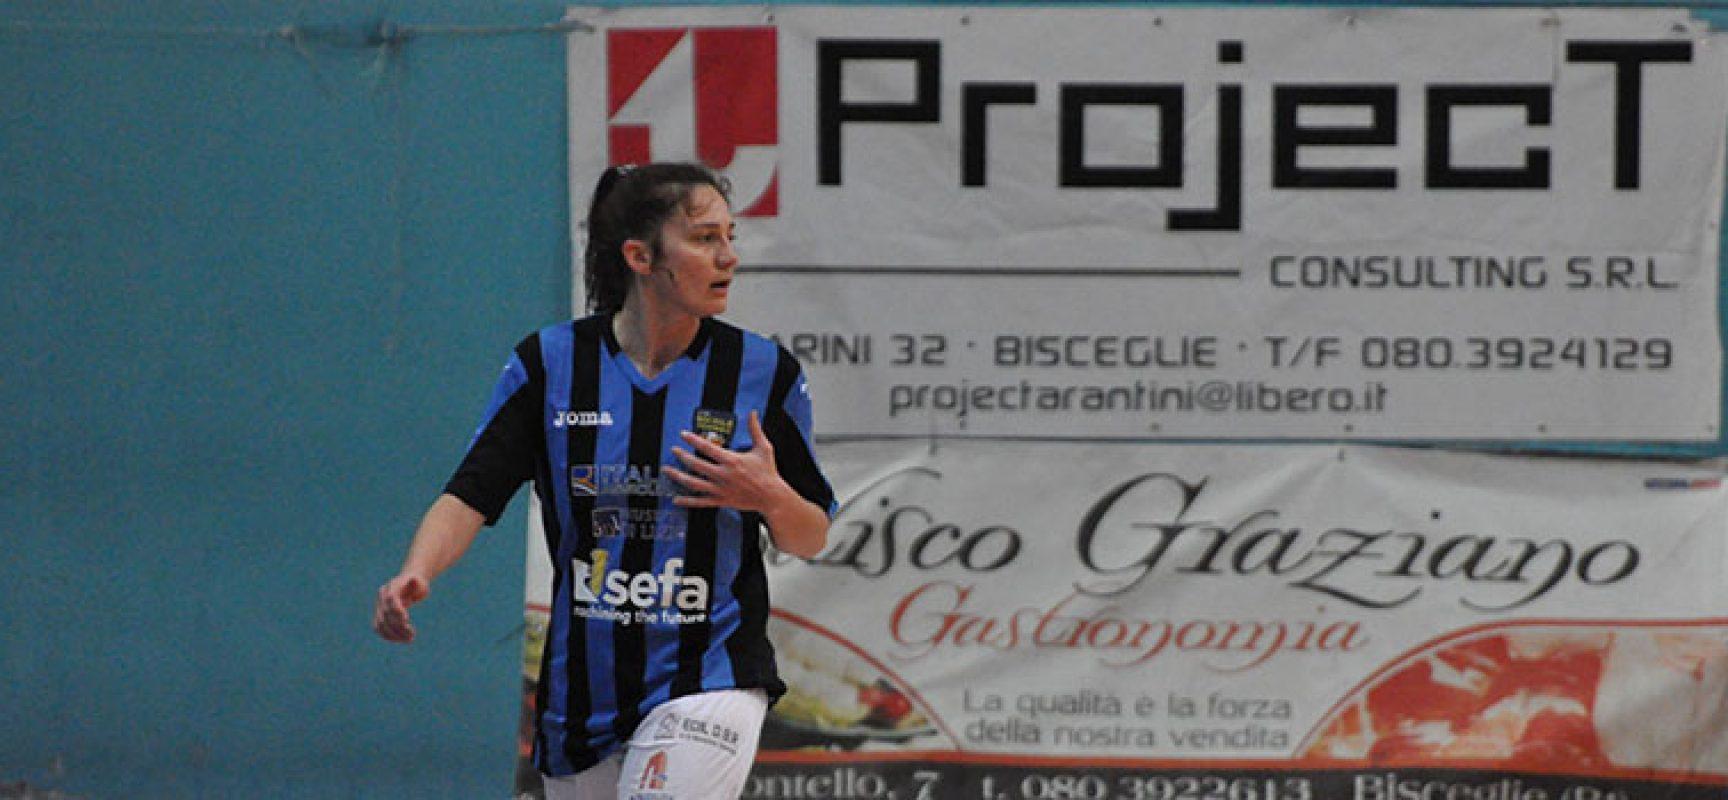 Calcio a 5, Bisceglie Femminile alla volta di Porto San Giorgio